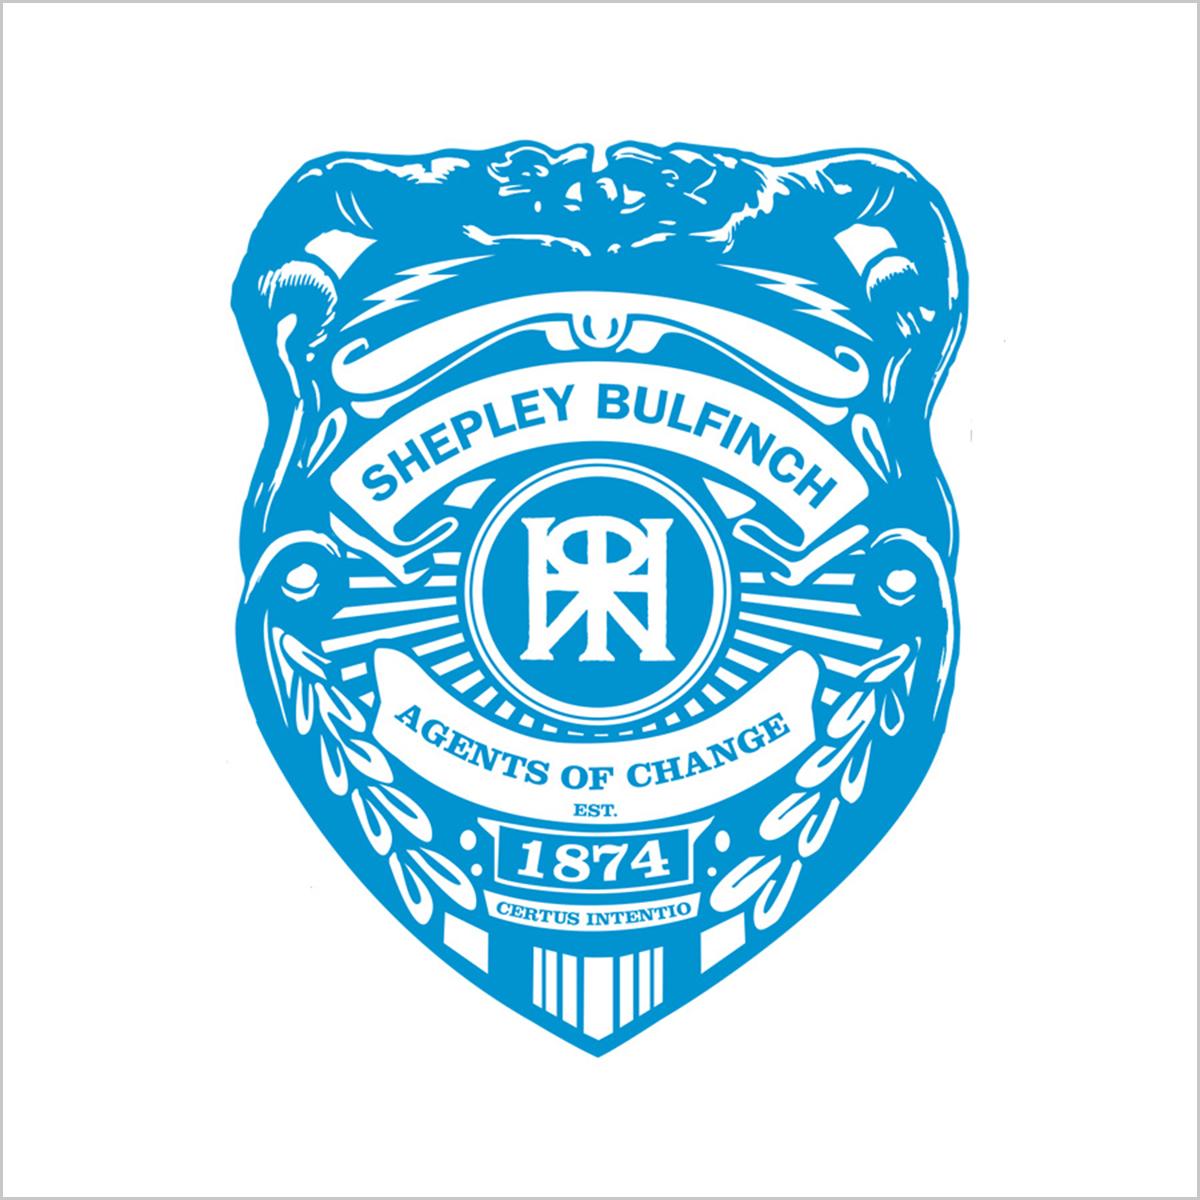 Shepley Bulfinch Agents of Change Badge